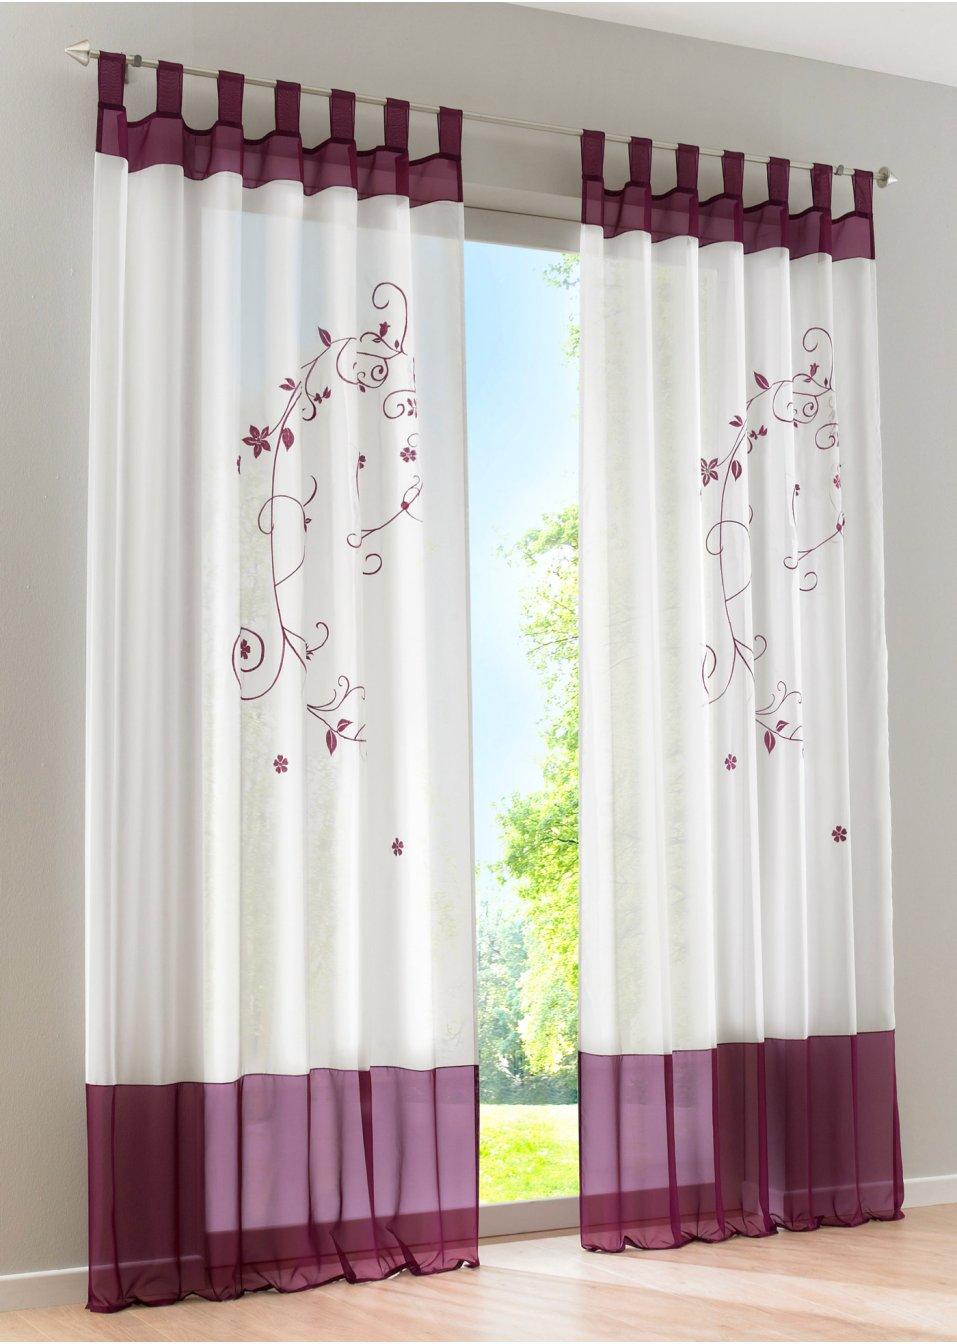 verspieltes design in toller farbe transparente gardine. Black Bedroom Furniture Sets. Home Design Ideas